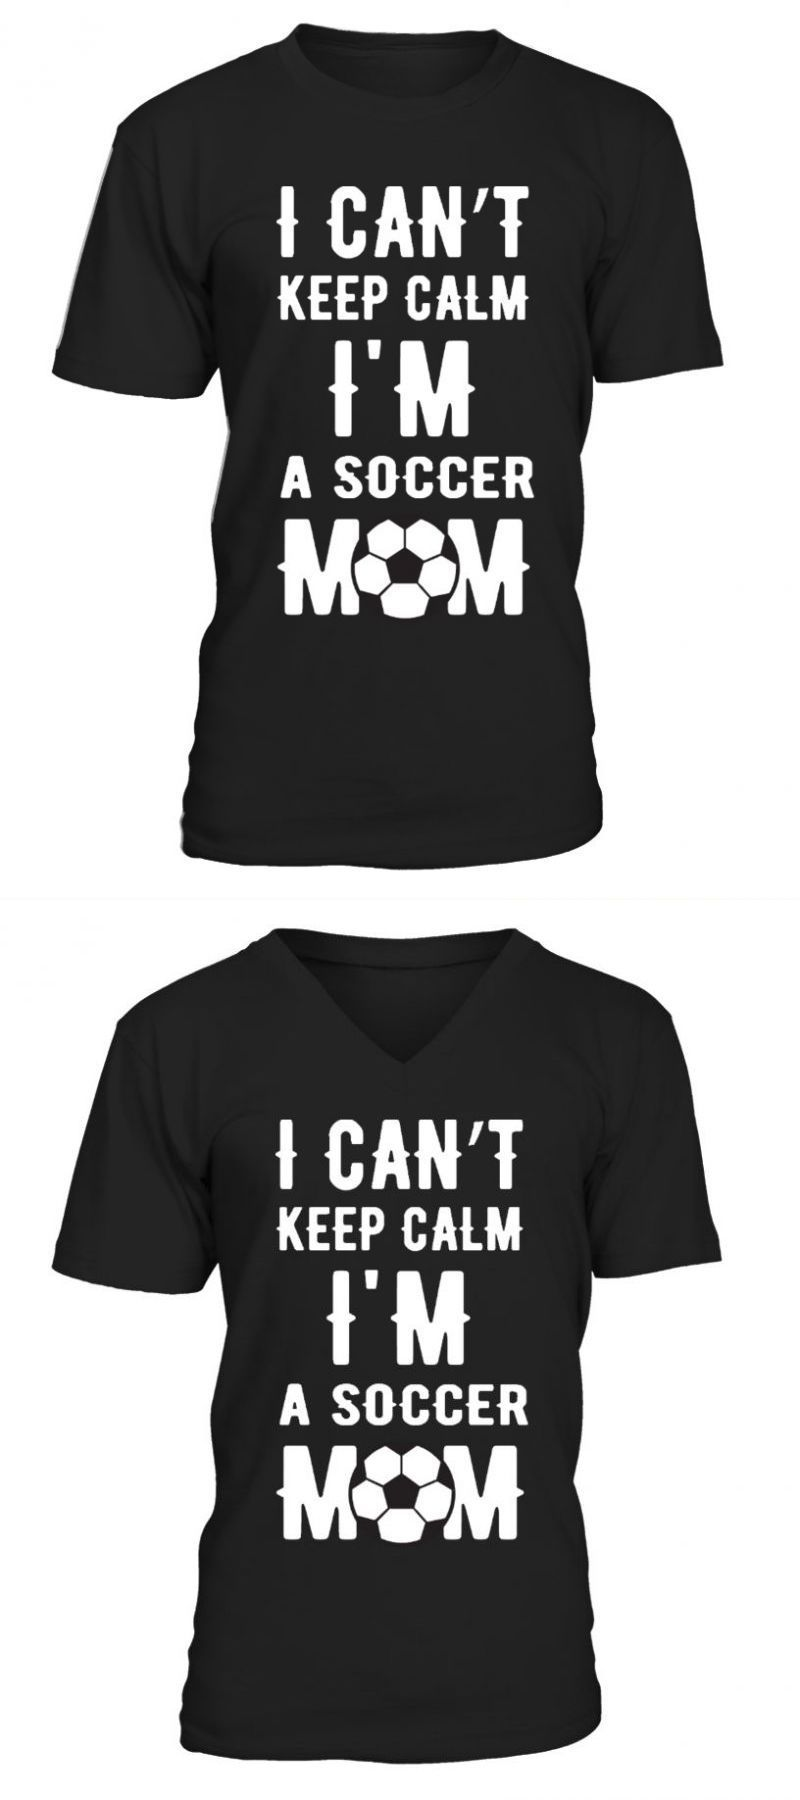 1d3588fb108 Football t-shirt online shopping a loud soccer mom football t shirt pattern   football  t-shirt  online  shopping  loud  soccer  mom  shirt  pattern   high ...